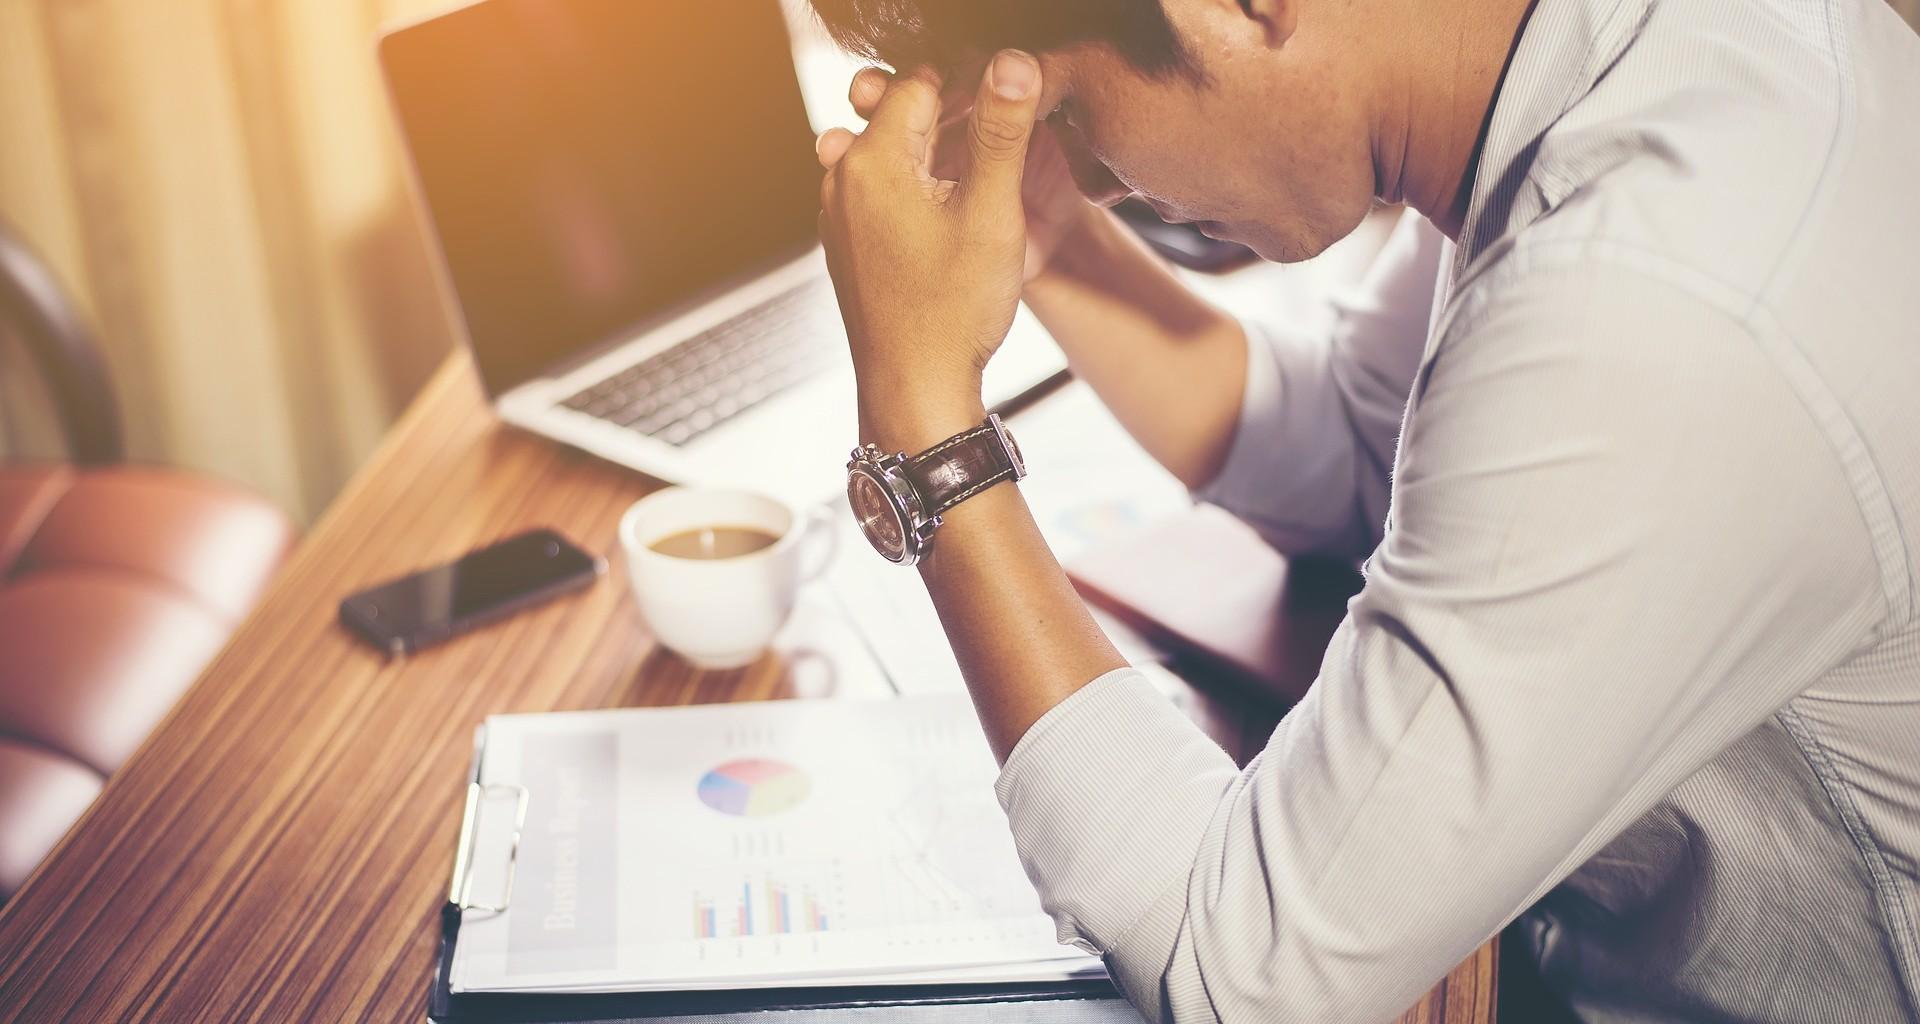 Aumenta tu bienestar laboral: Libérate del estrés | Tecnológico de ...